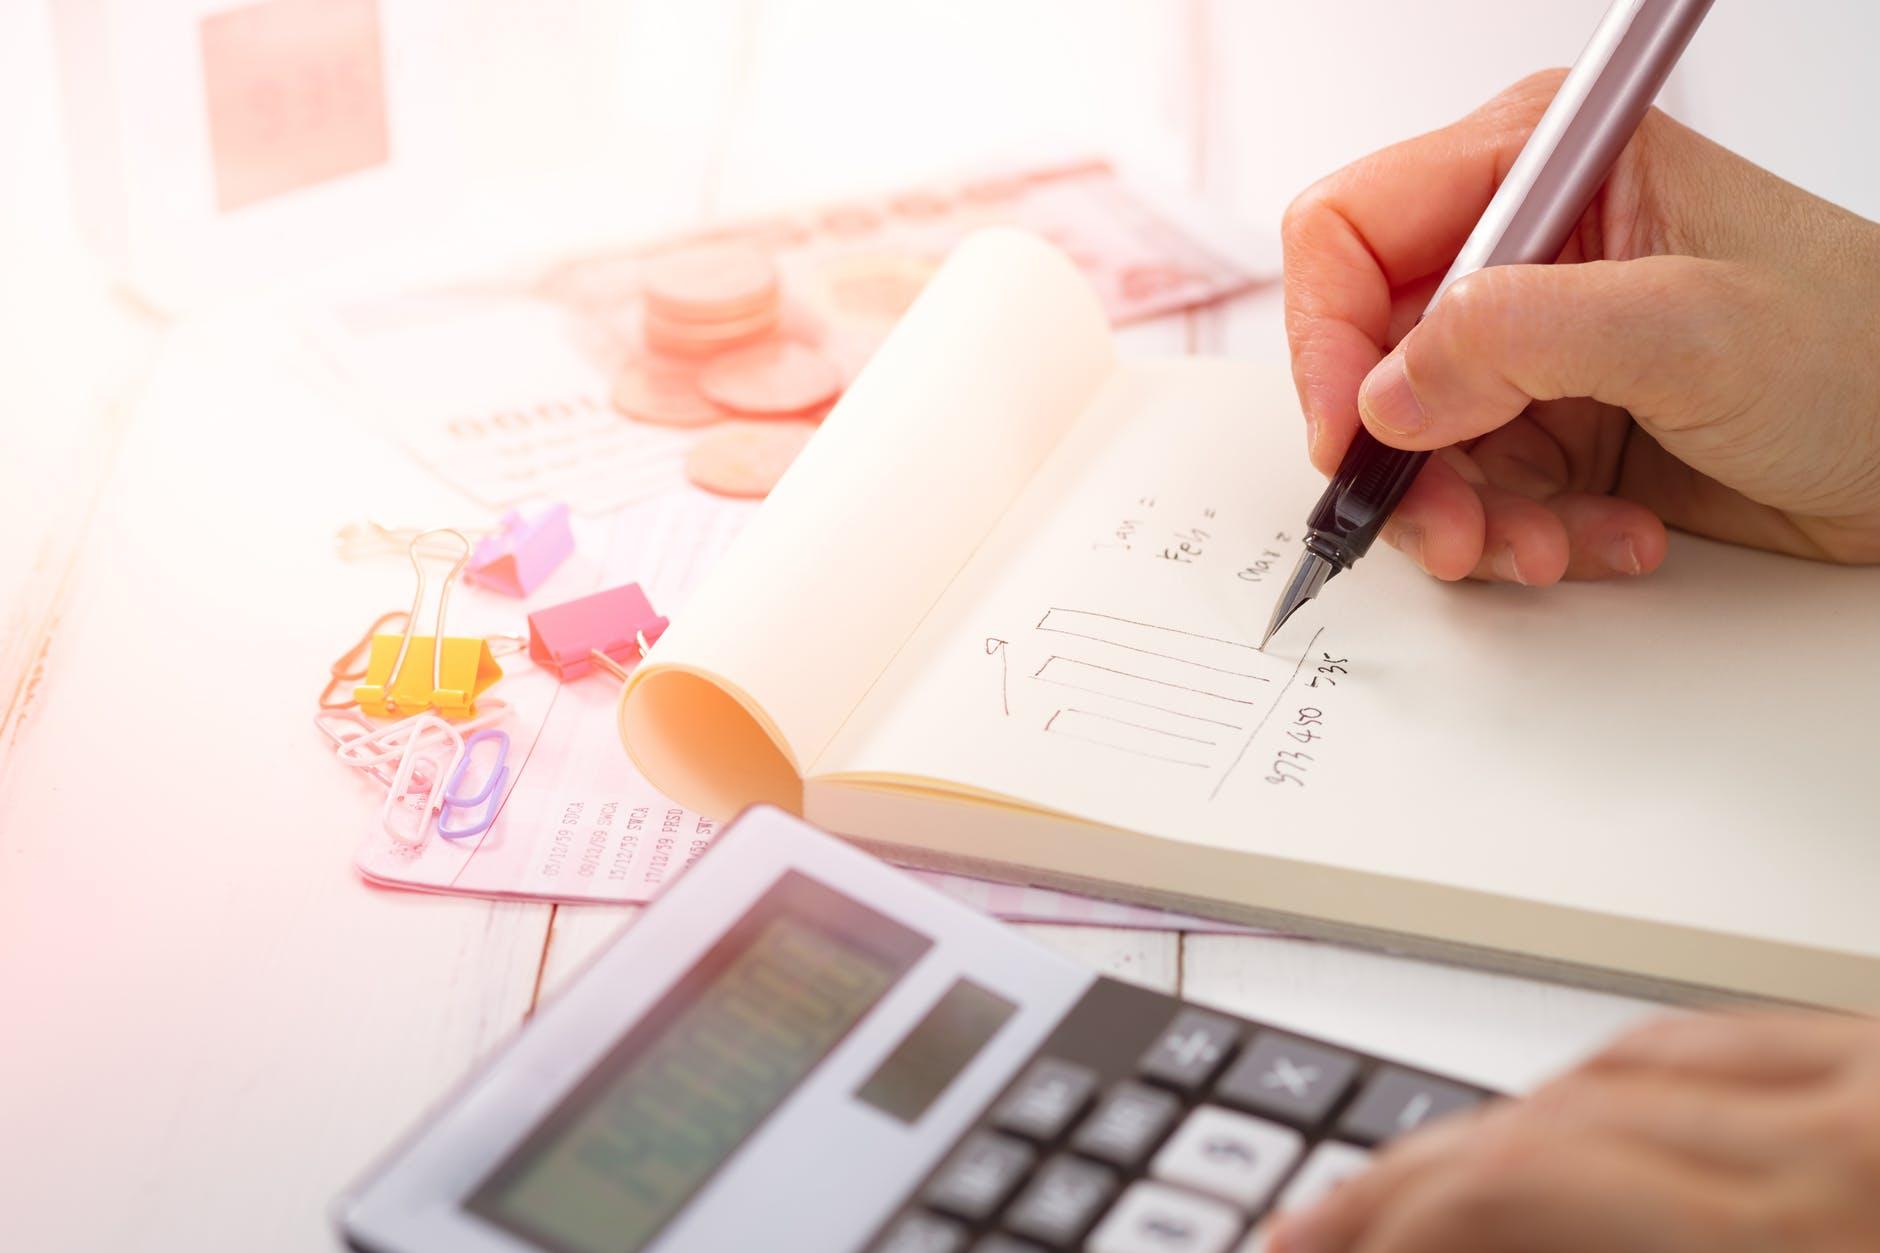 Buku Besar: Fungsi, Bentuk & Manfaatnya untuk Bisnis